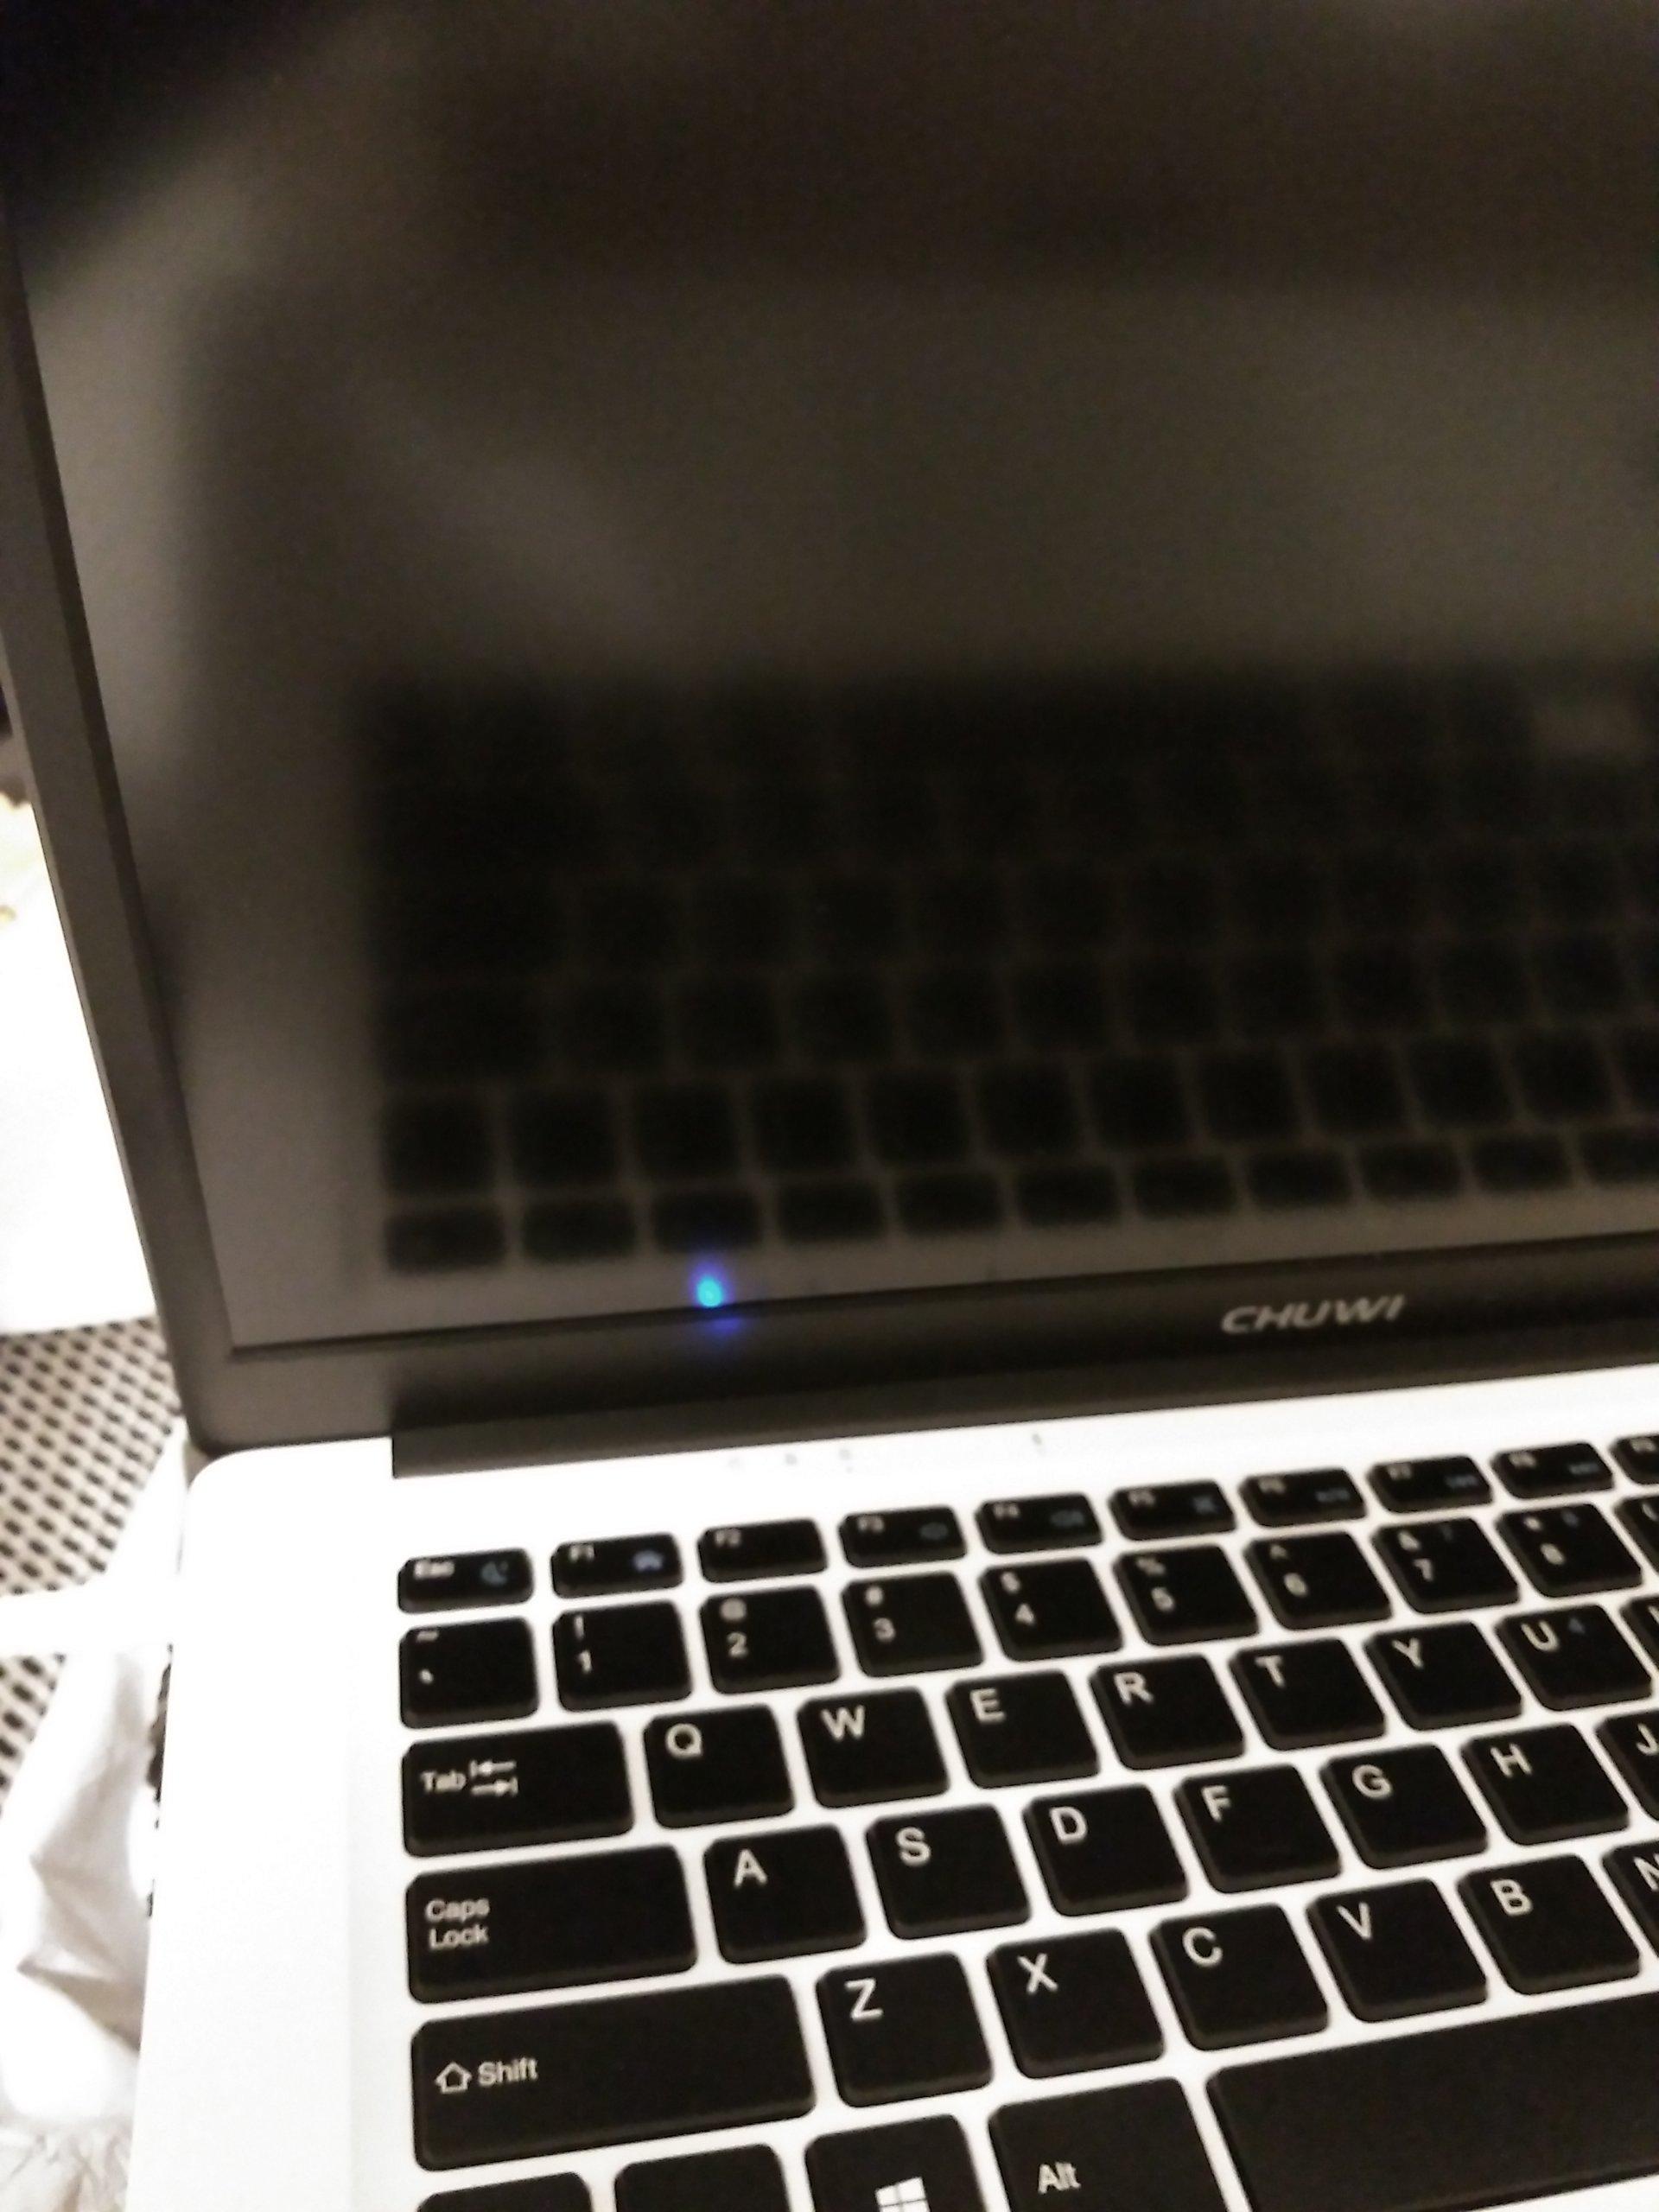 Nowy Laptop Chuwi 14.1 uszkodzony